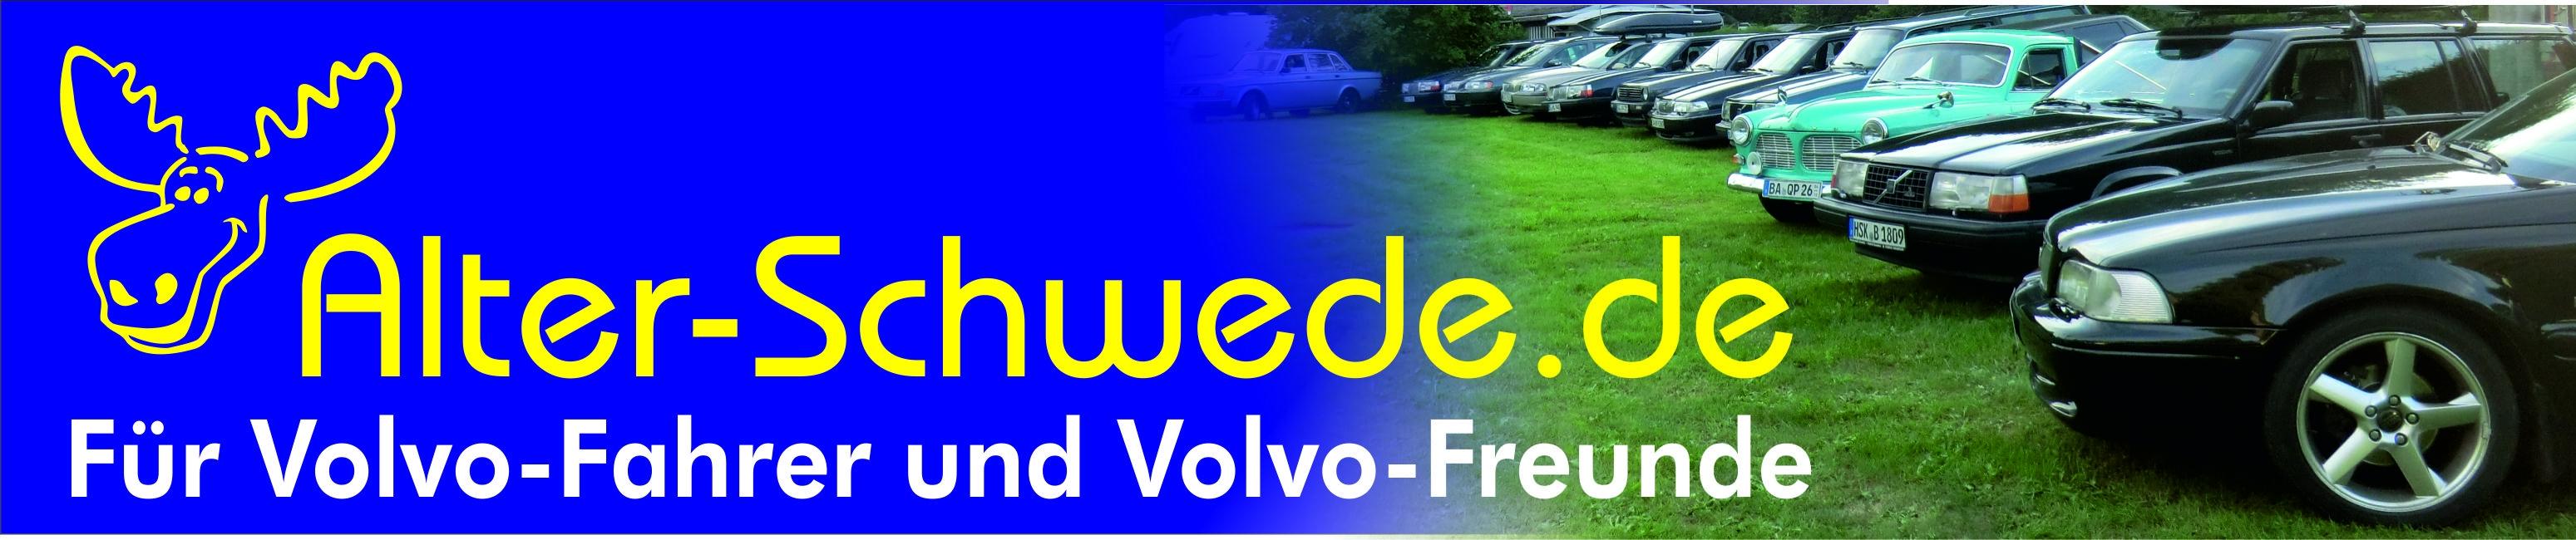 Volvo IG Alter Schwede